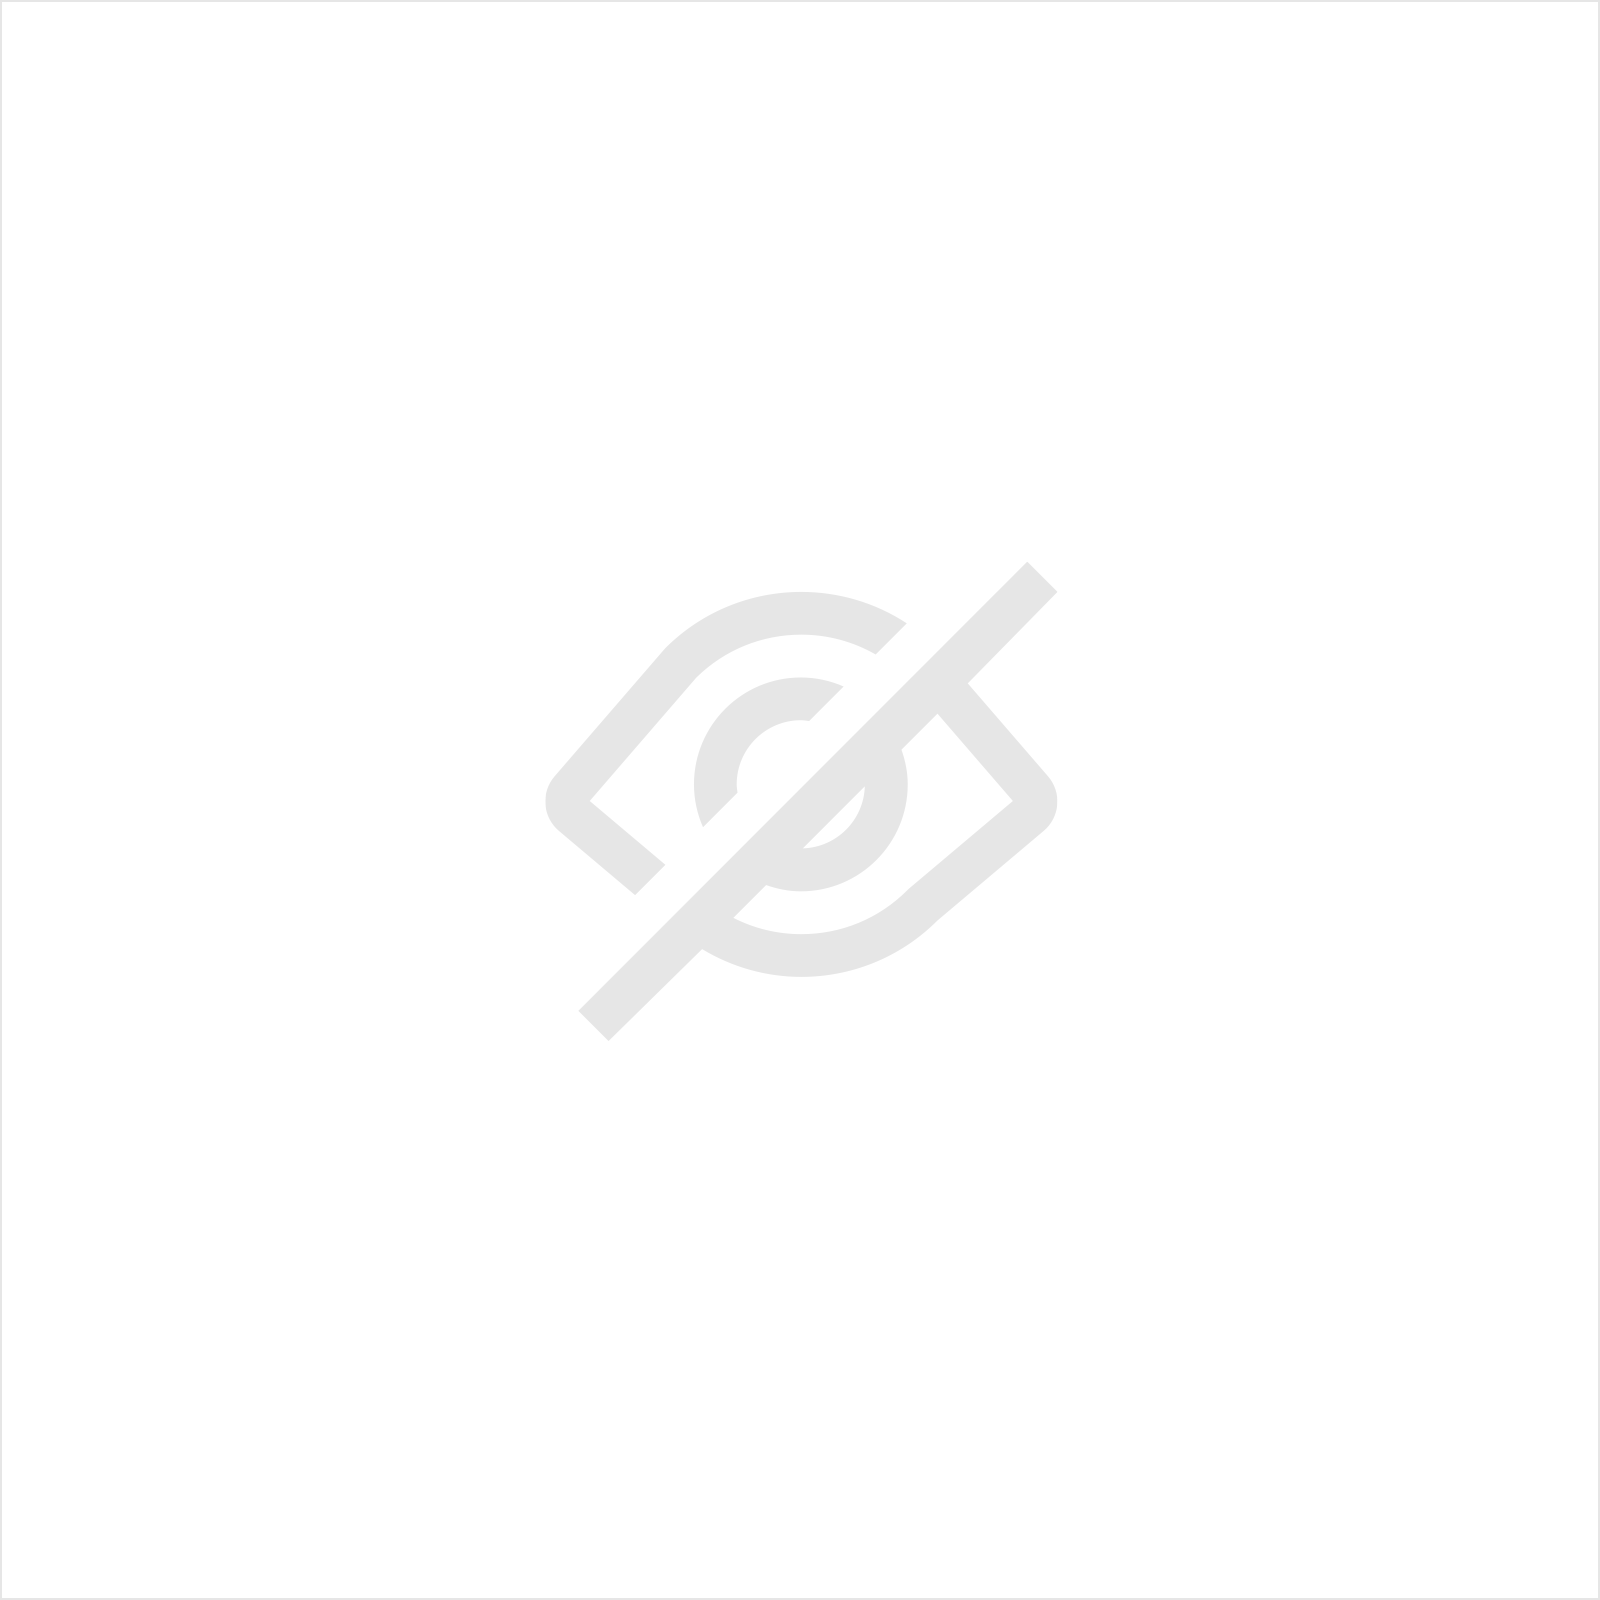 DURA-BLOCK - JEU DE 6 CALES À PONCER